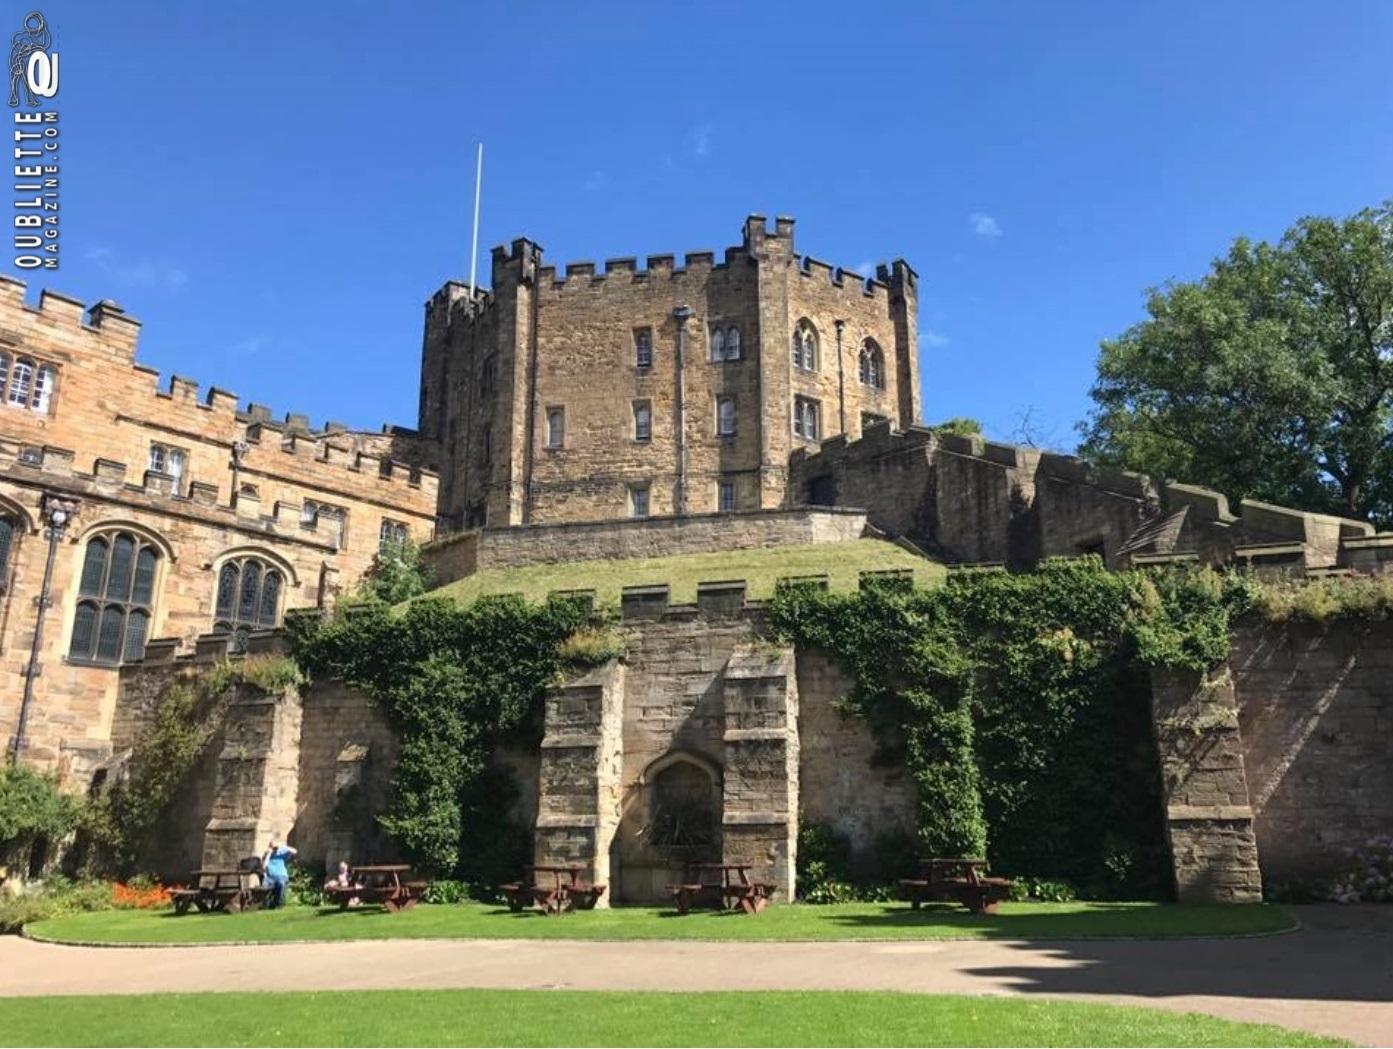 Un viaggio in UK: Durham e il castello patrimonio dell'Unesco